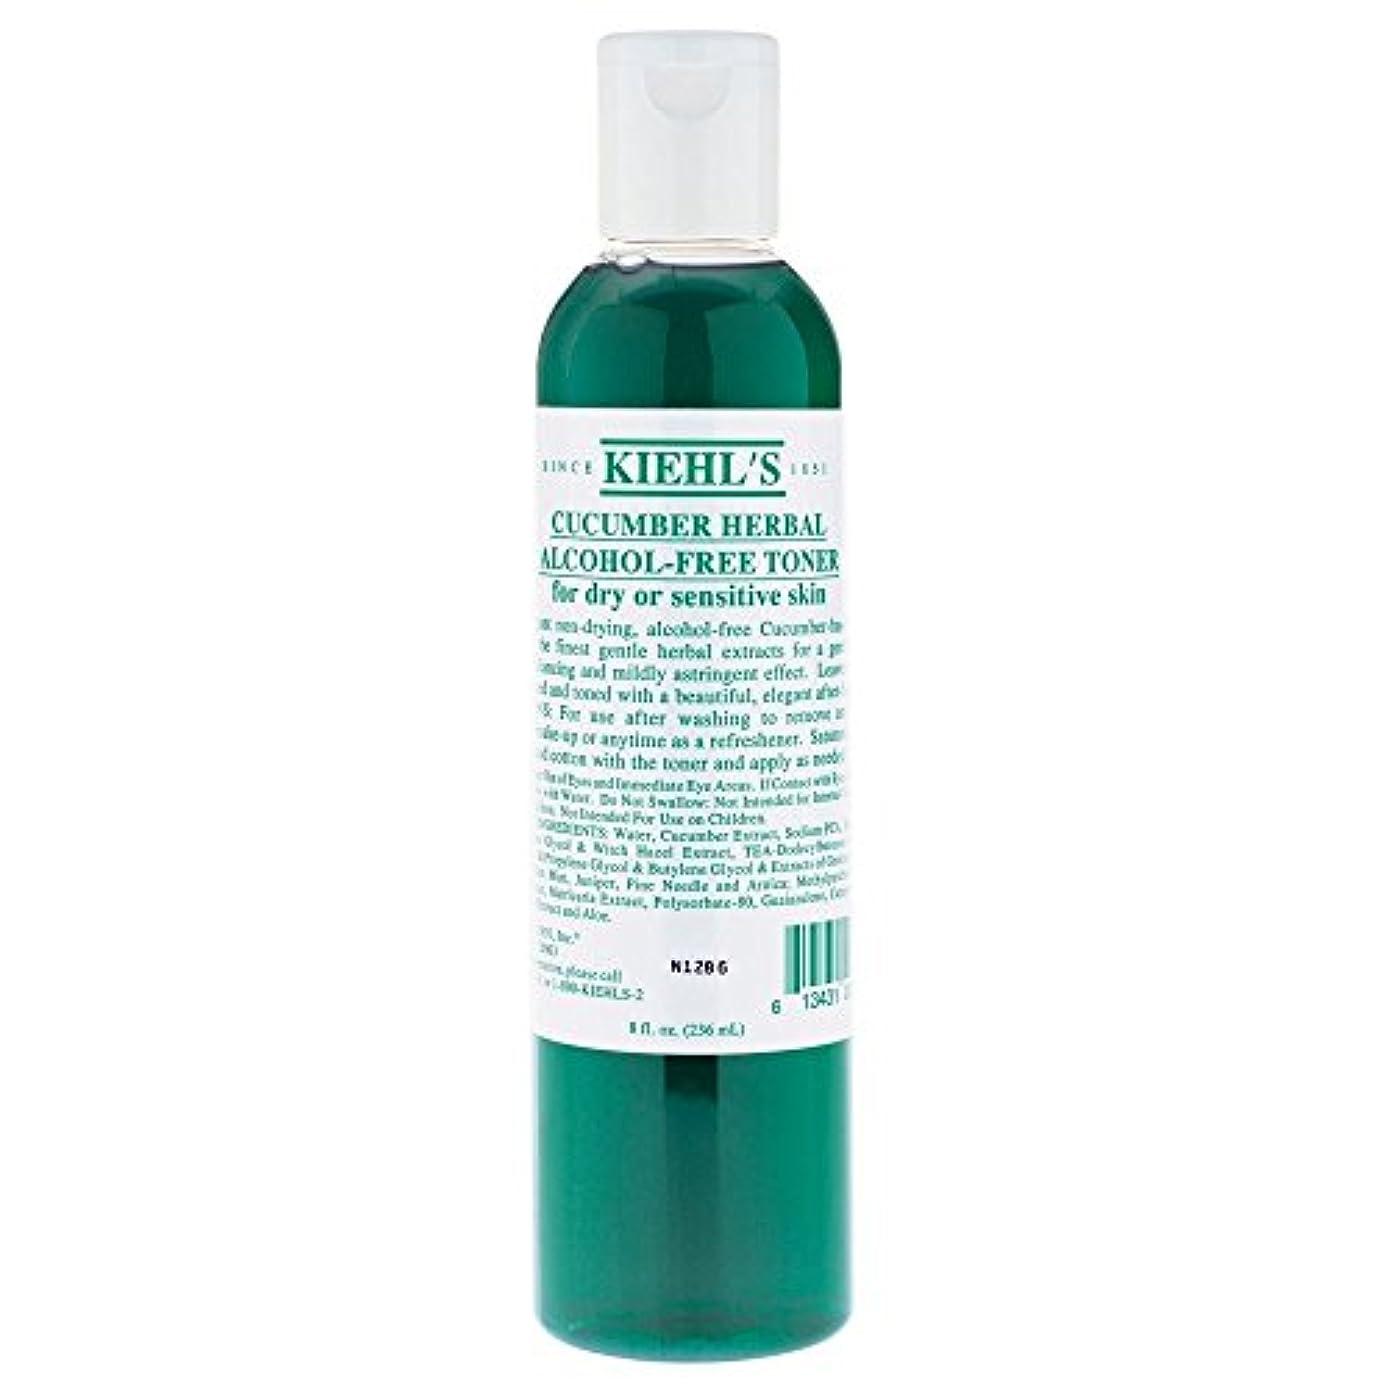 拘束するパネル歴史[Kiehl's] キールズキュウリのハーブアルコールフリートナー、250ミリリットル - Kiehl's Cucumber Herbal Alcohol-Free Toner, 250ml [並行輸入品]